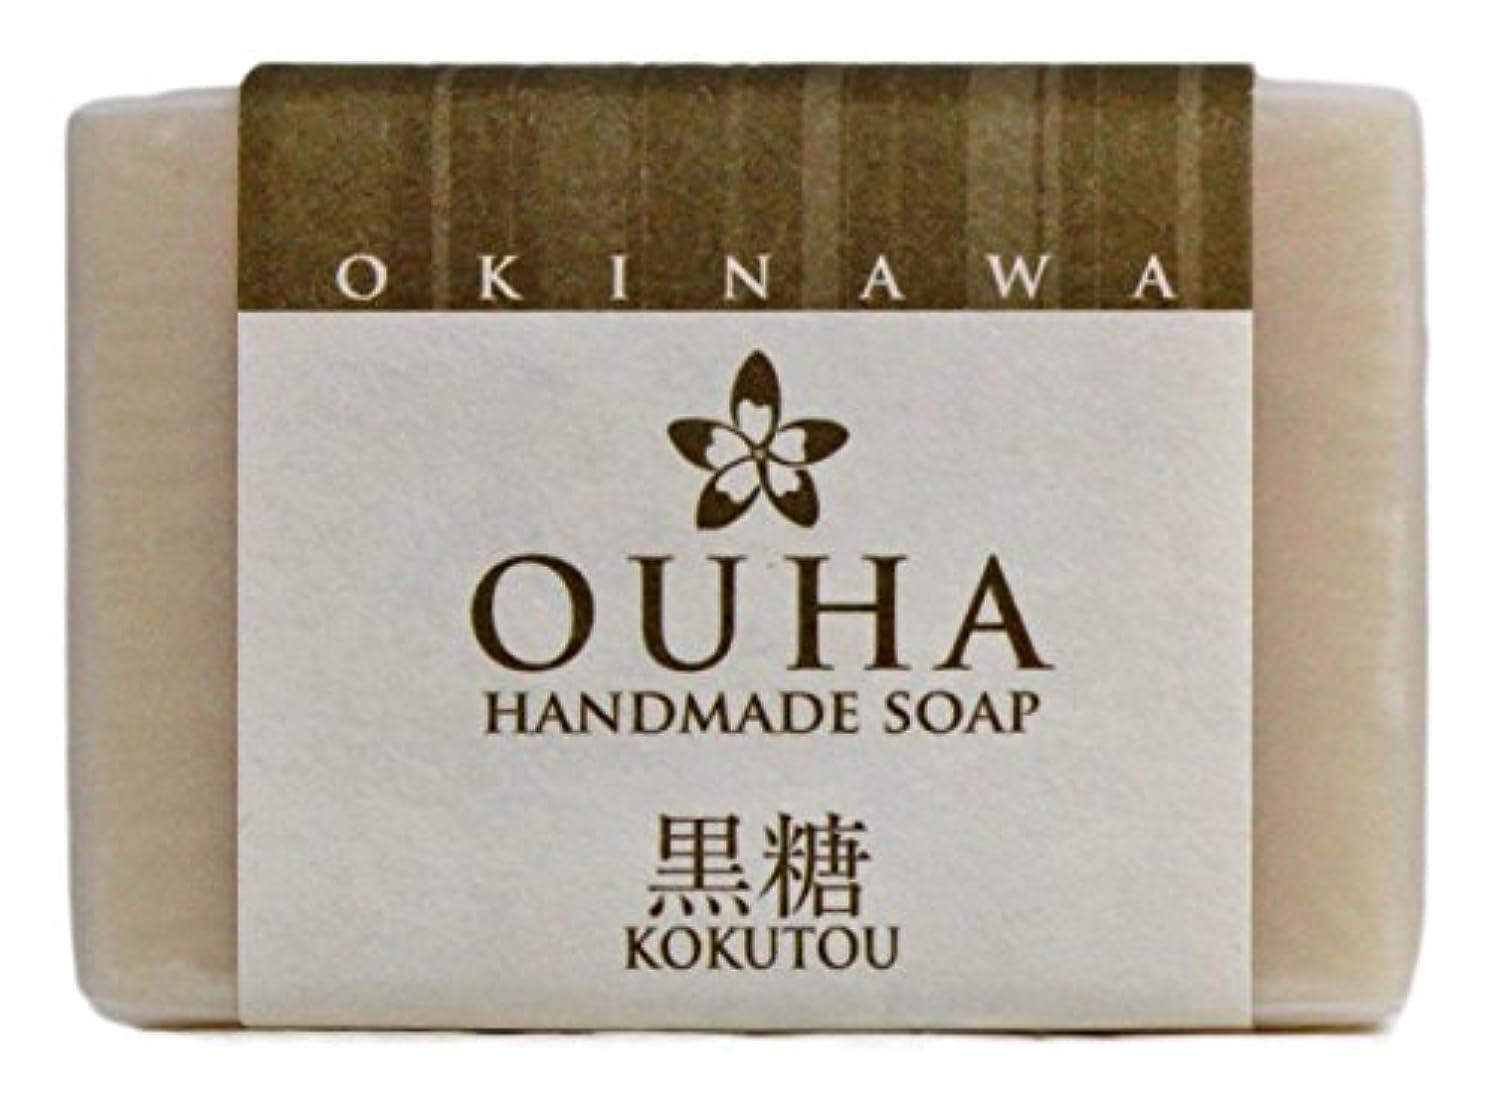 沖縄手作り洗顔せっけん OUHAソープ 黒糖 47g